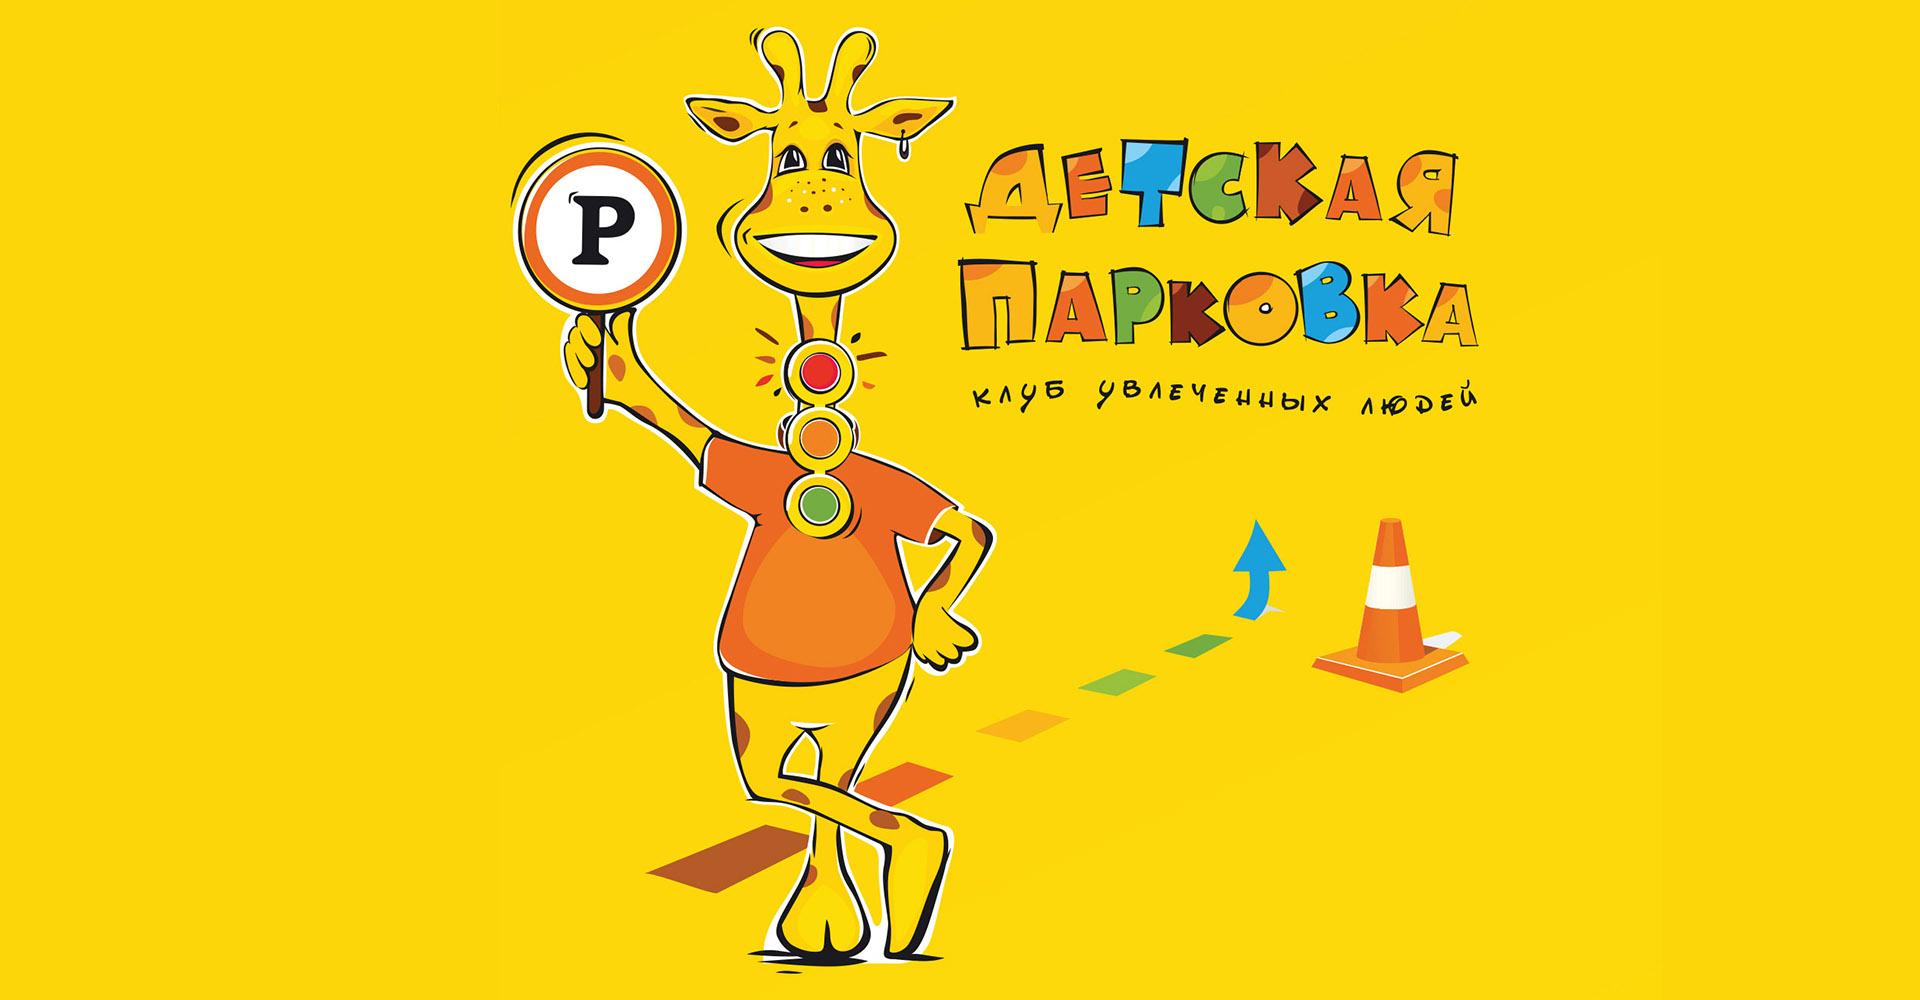 Анимация логотипа. Создание фирменного персонажа.